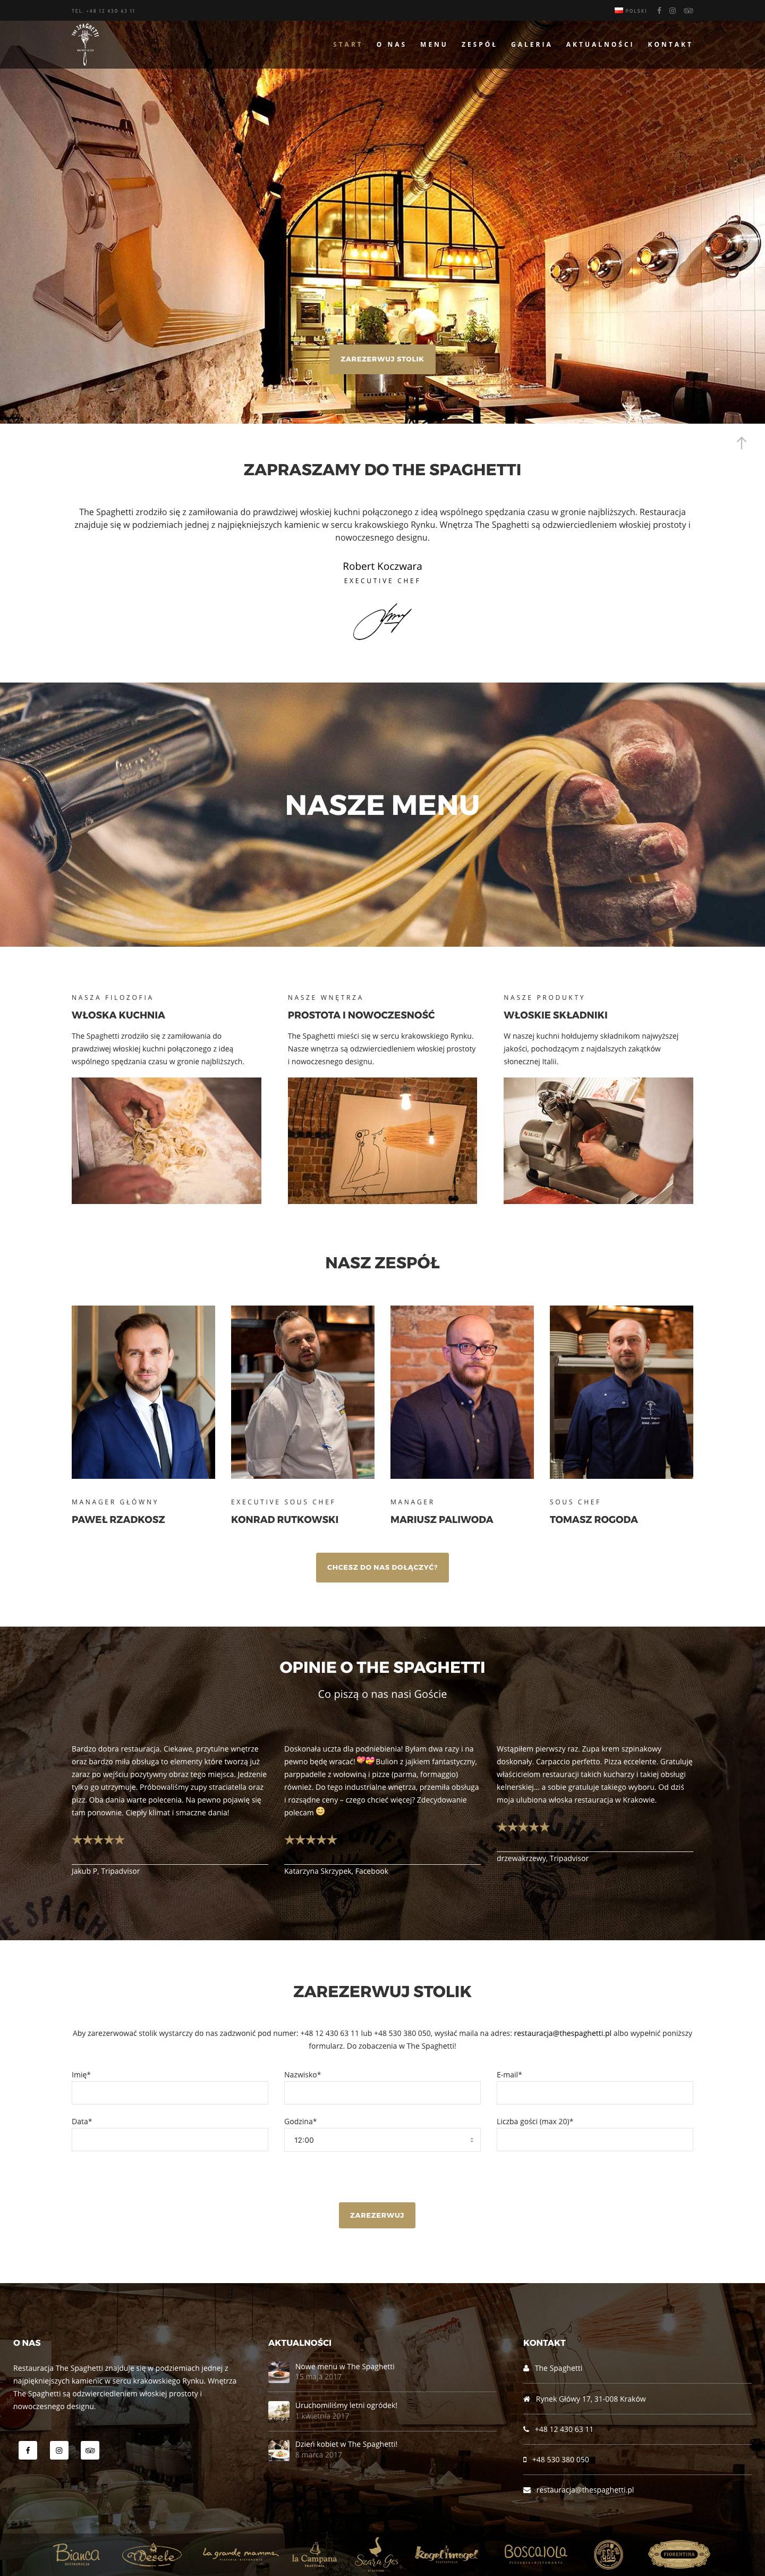 Dorota Gostylla - Restauracja The Spaghetti